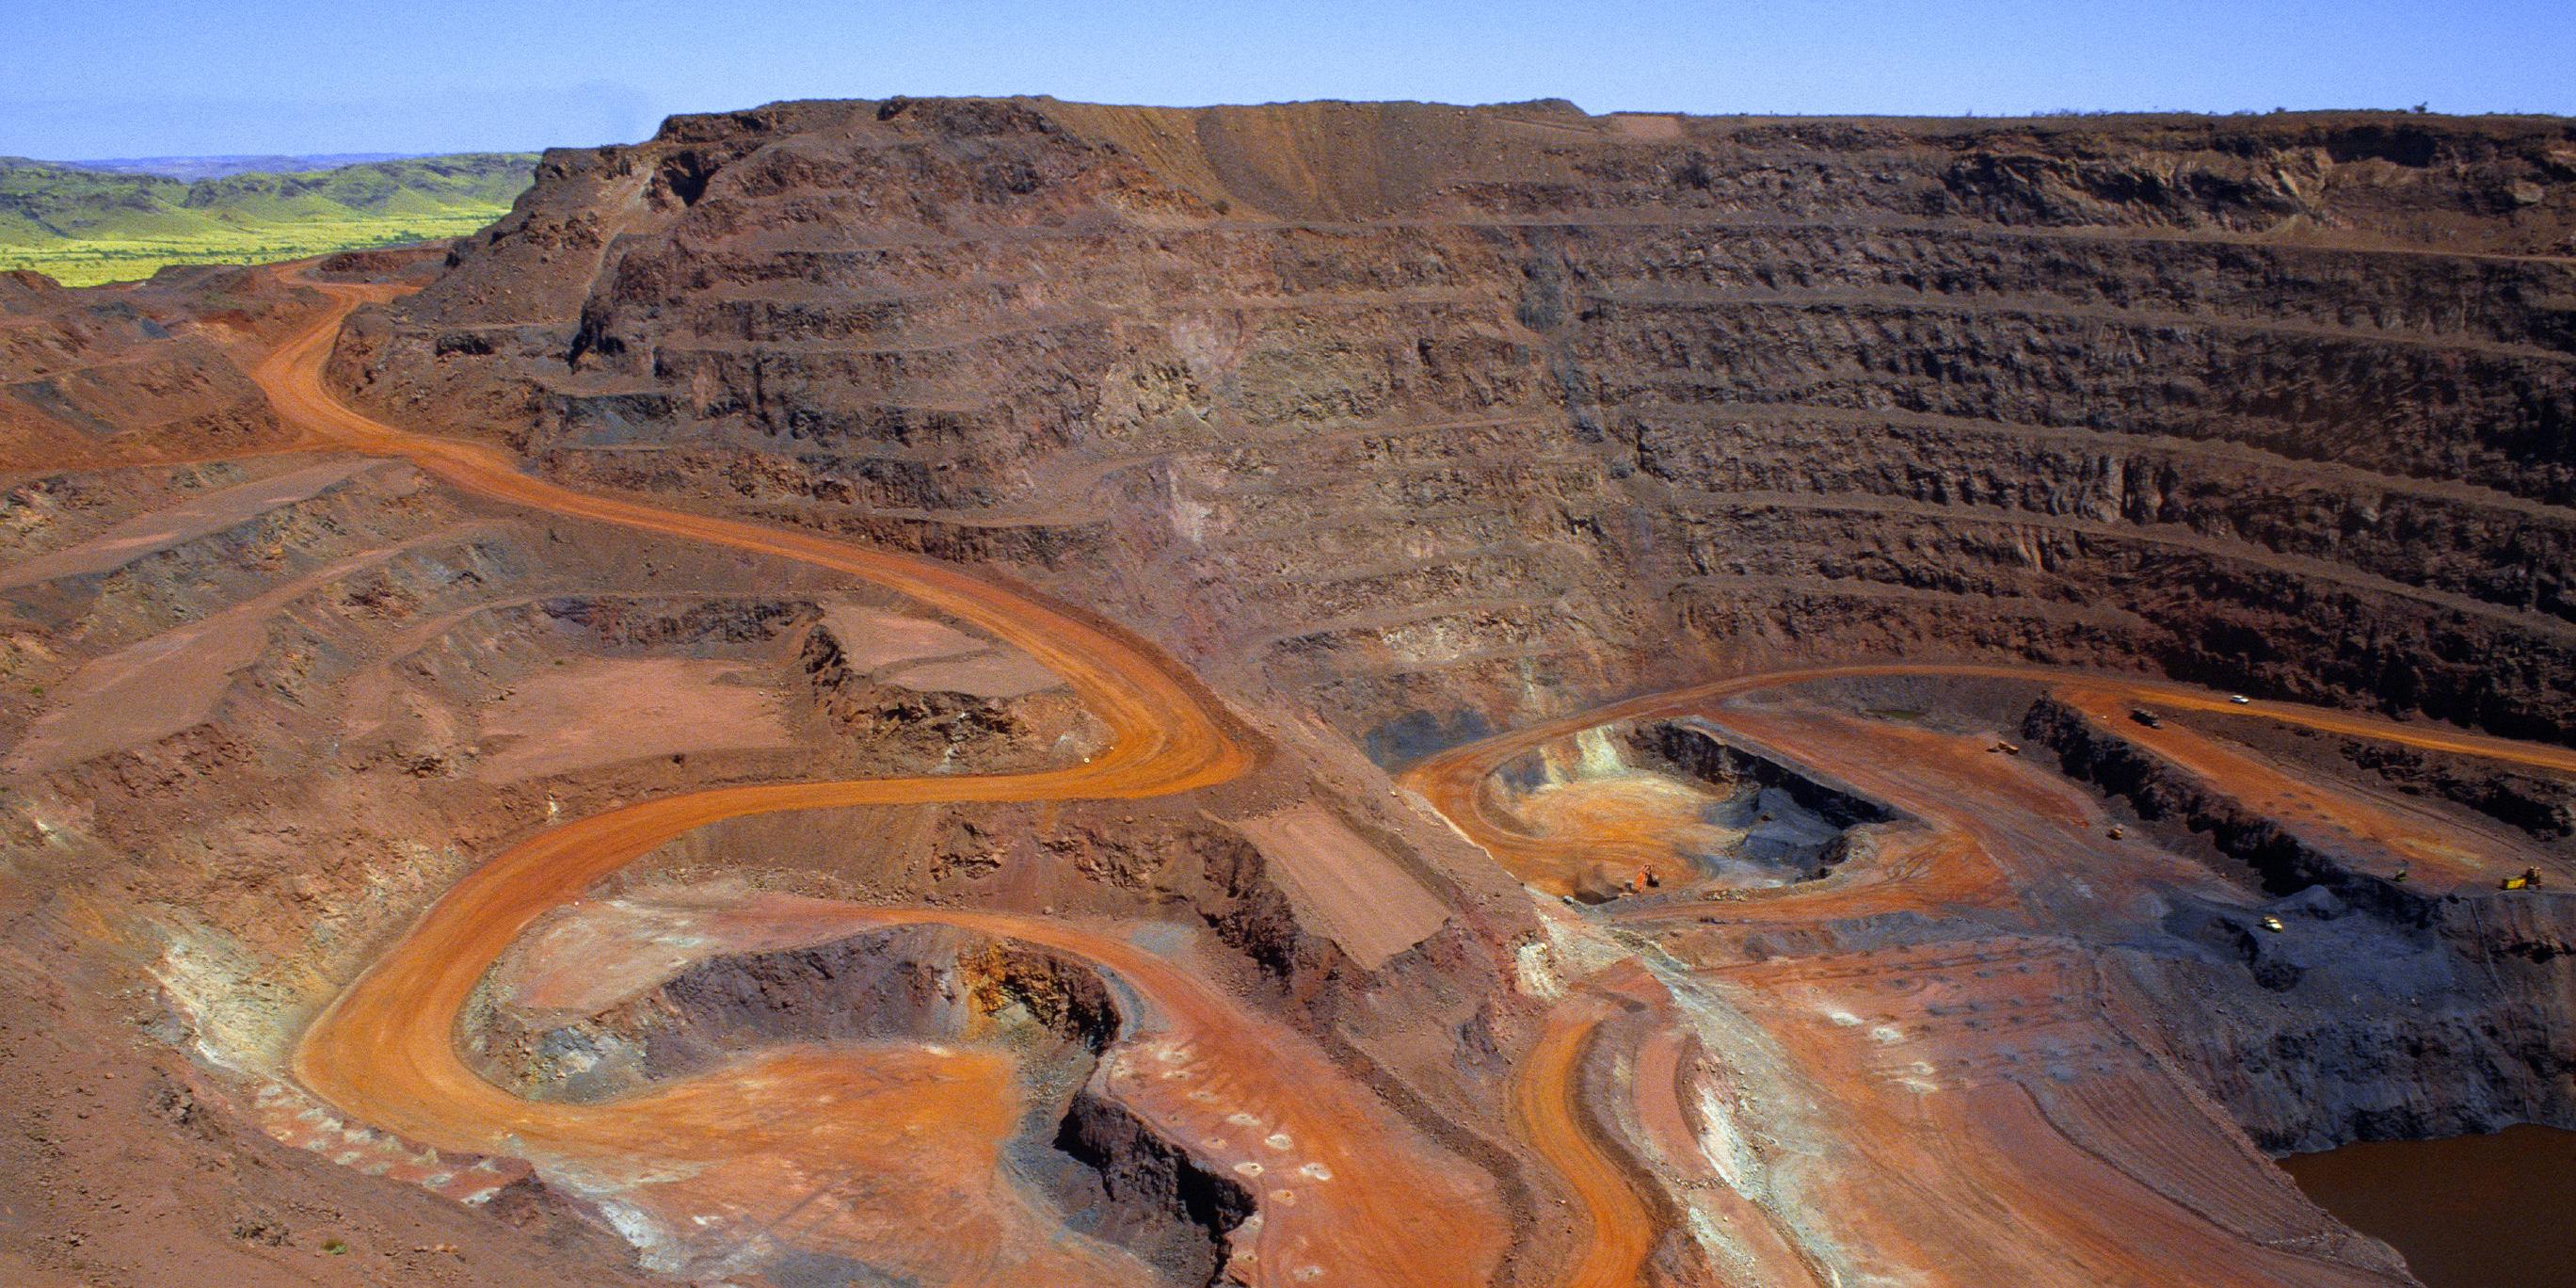 پیشبینی افت قیمت سنگ آهن به کمتر از ۵۰ دلار